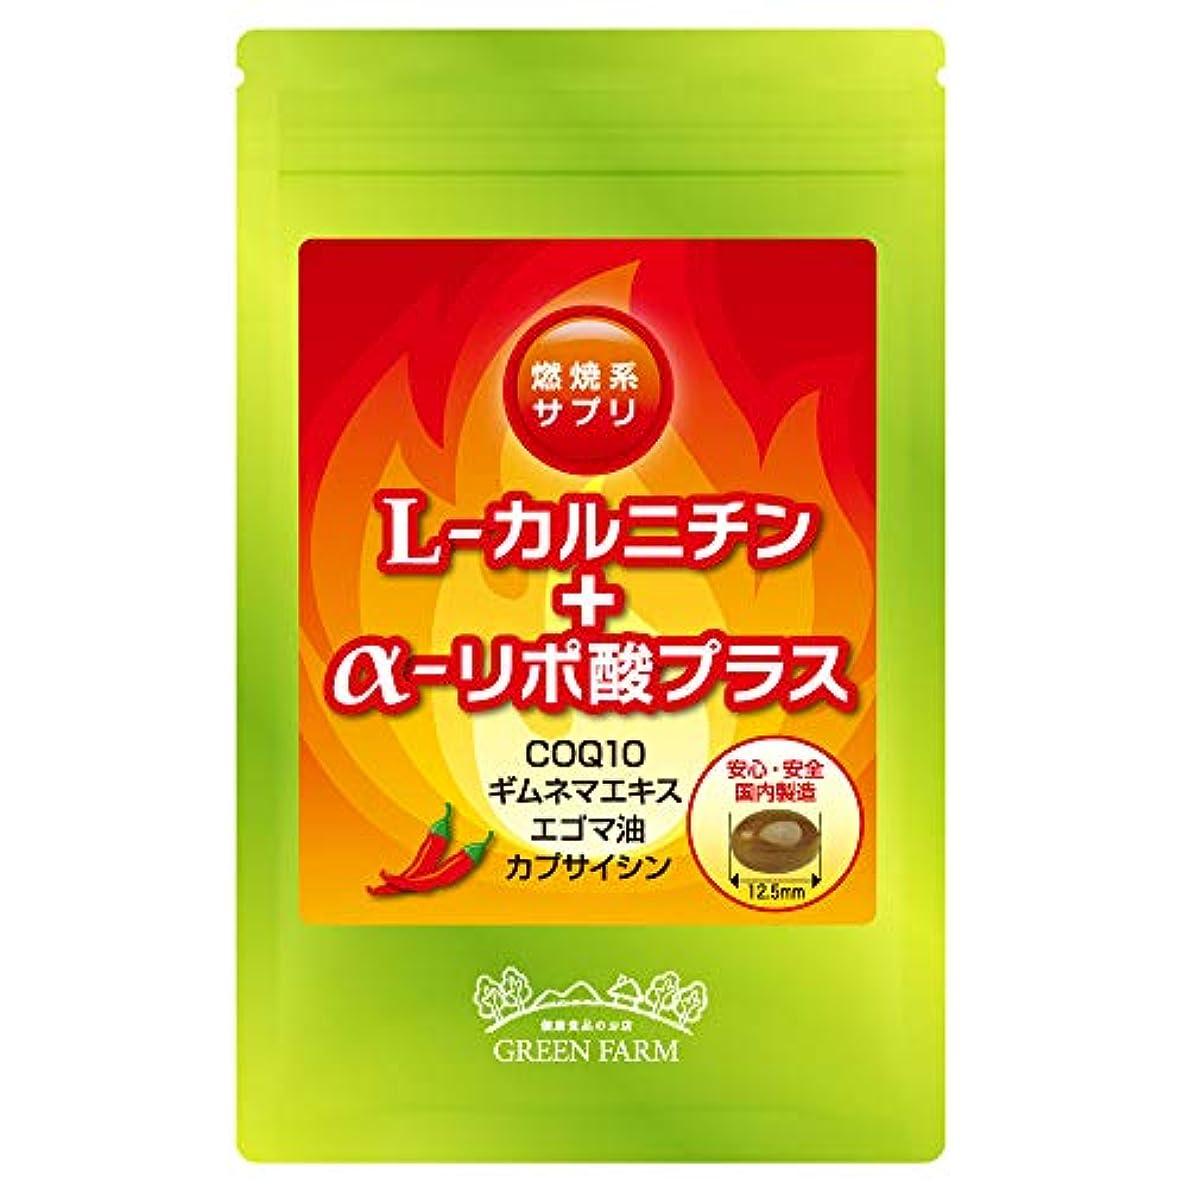 せせらぎケイ素ハードリングL-カルニチン+アルファリポ酸プラス アミノ酸サプリ(オメガ3系脂肪酸 エゴマ油?COQ10配合)国内製造 1日2粒目安 約30日分